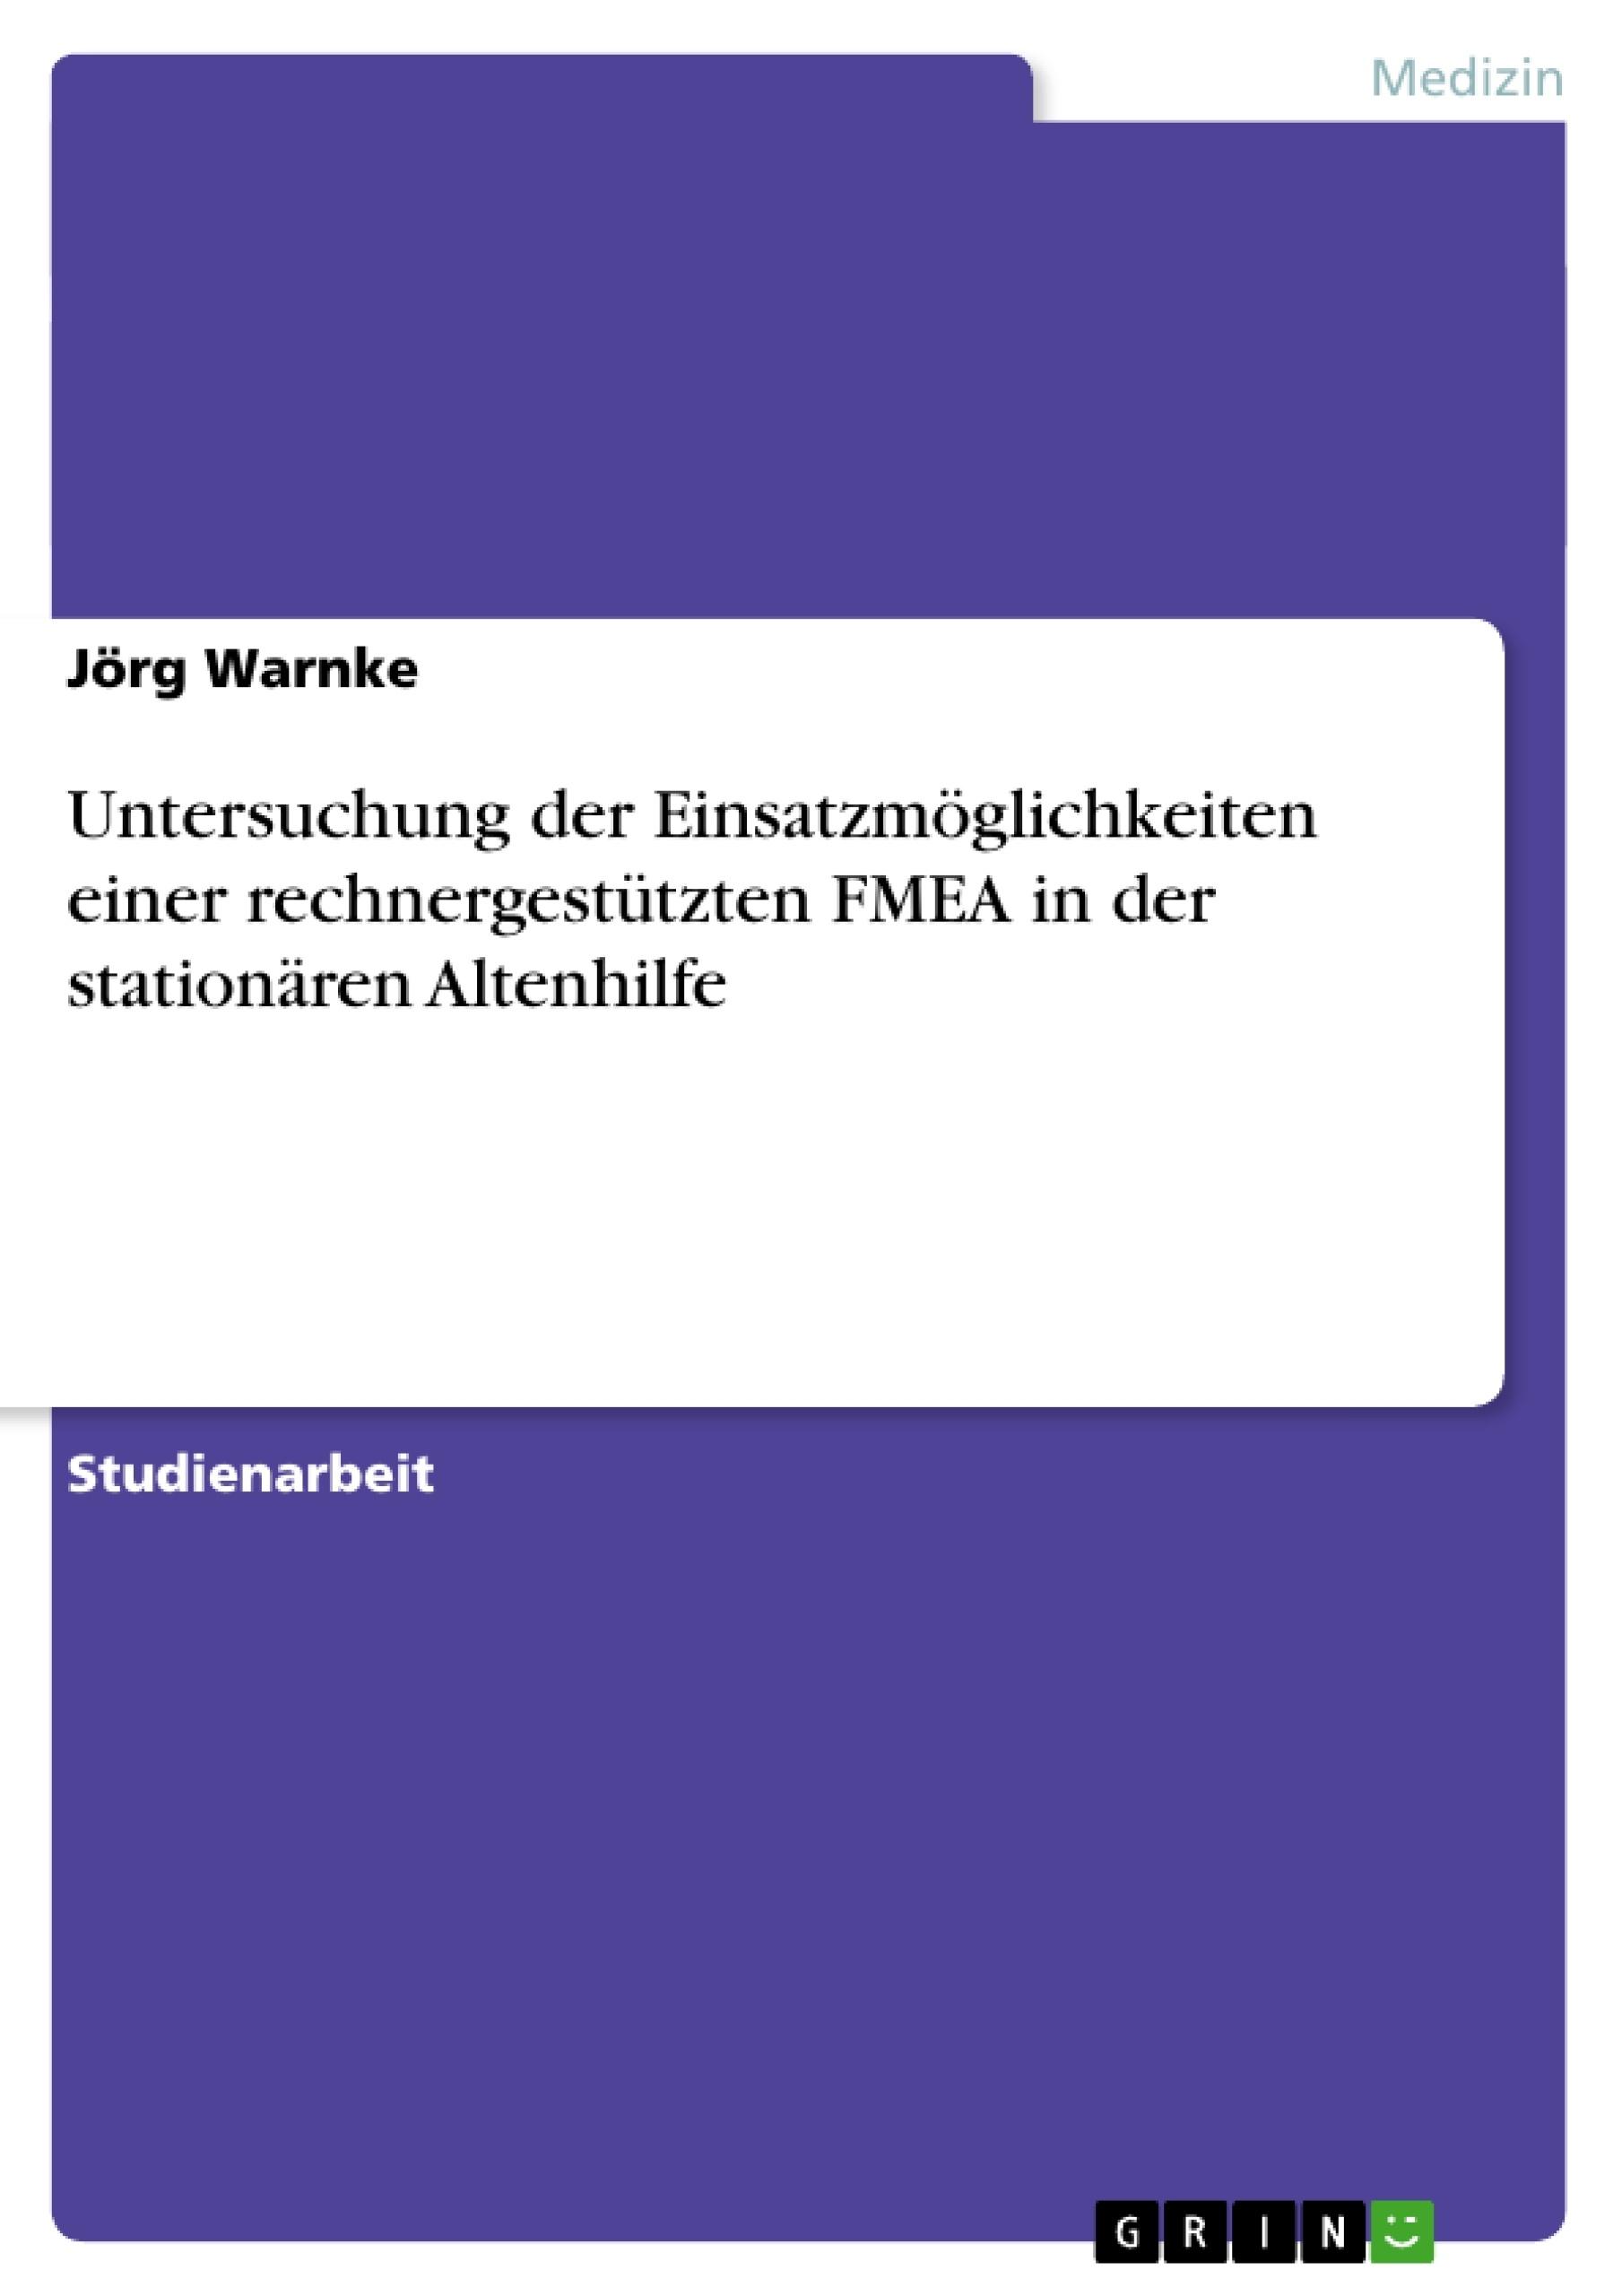 Titel: Untersuchung der Einsatzmöglichkeiten einer rechnergestützten FMEA in der stationären Altenhilfe